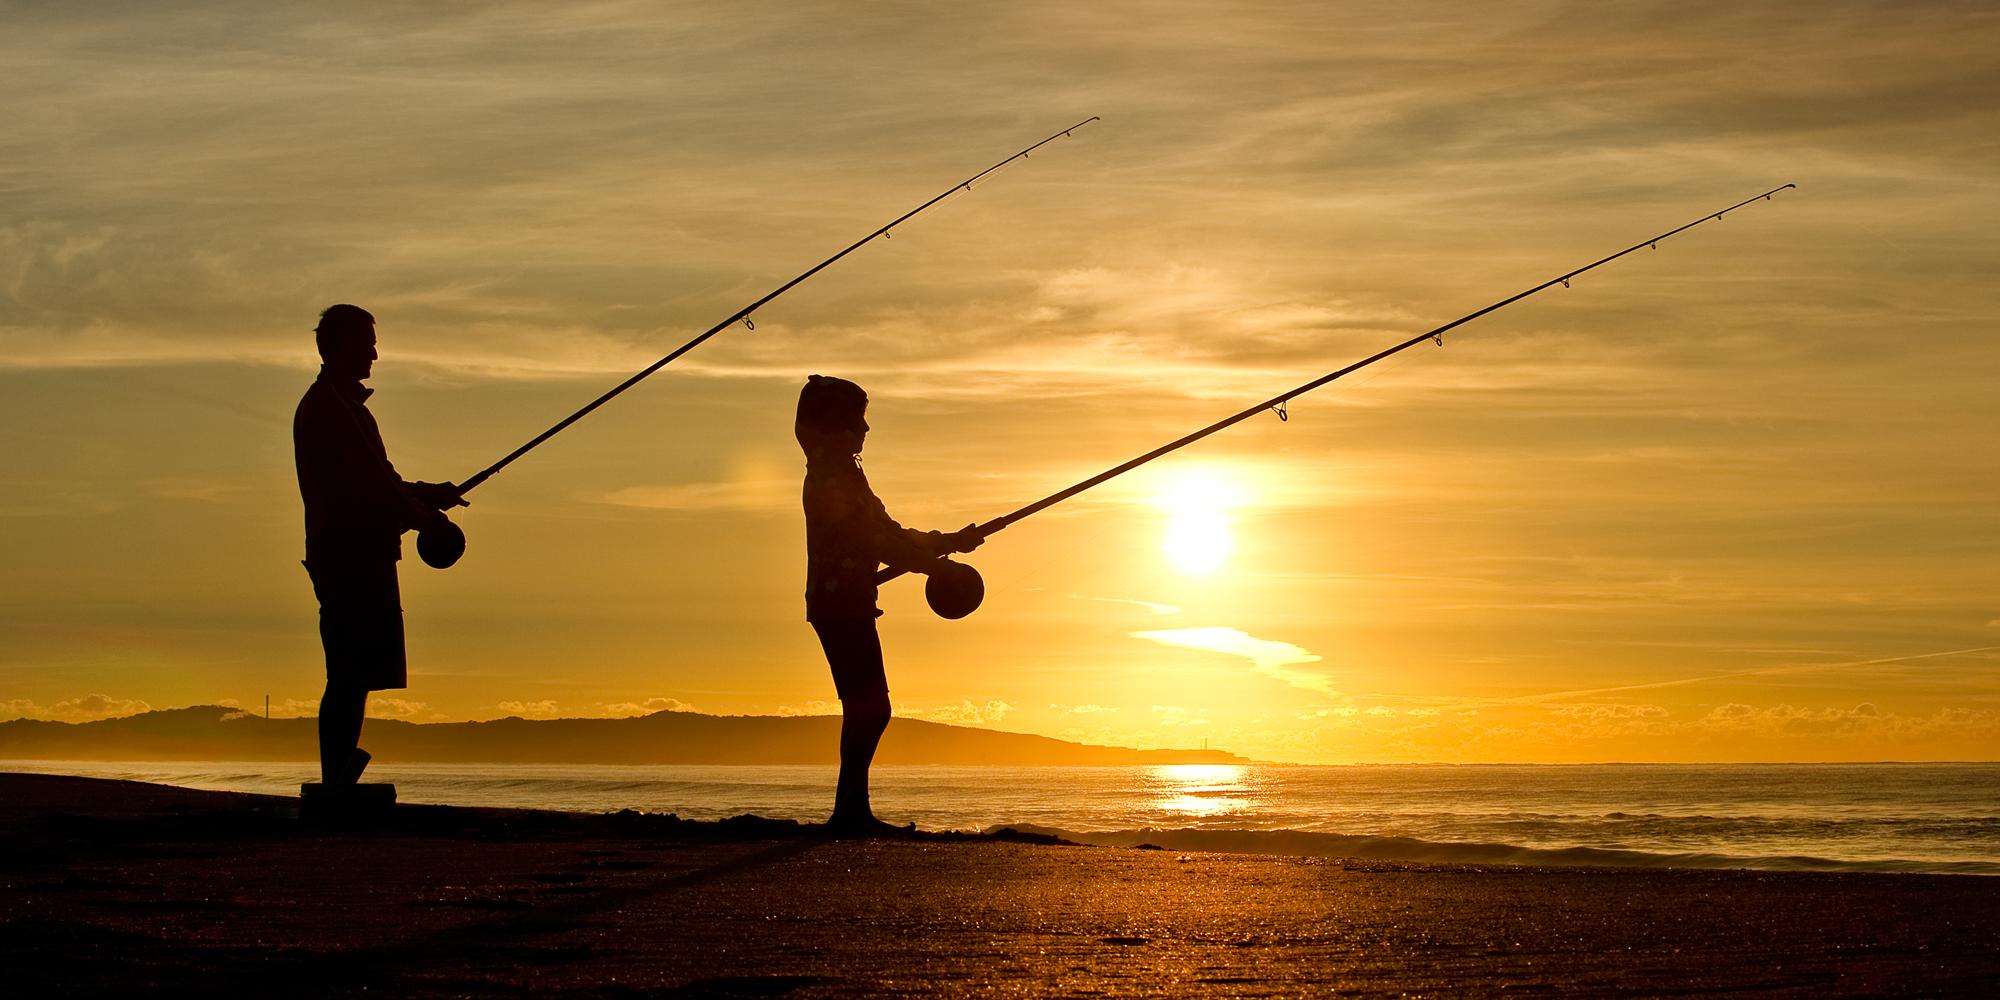 داستان مردان ماهیگیر